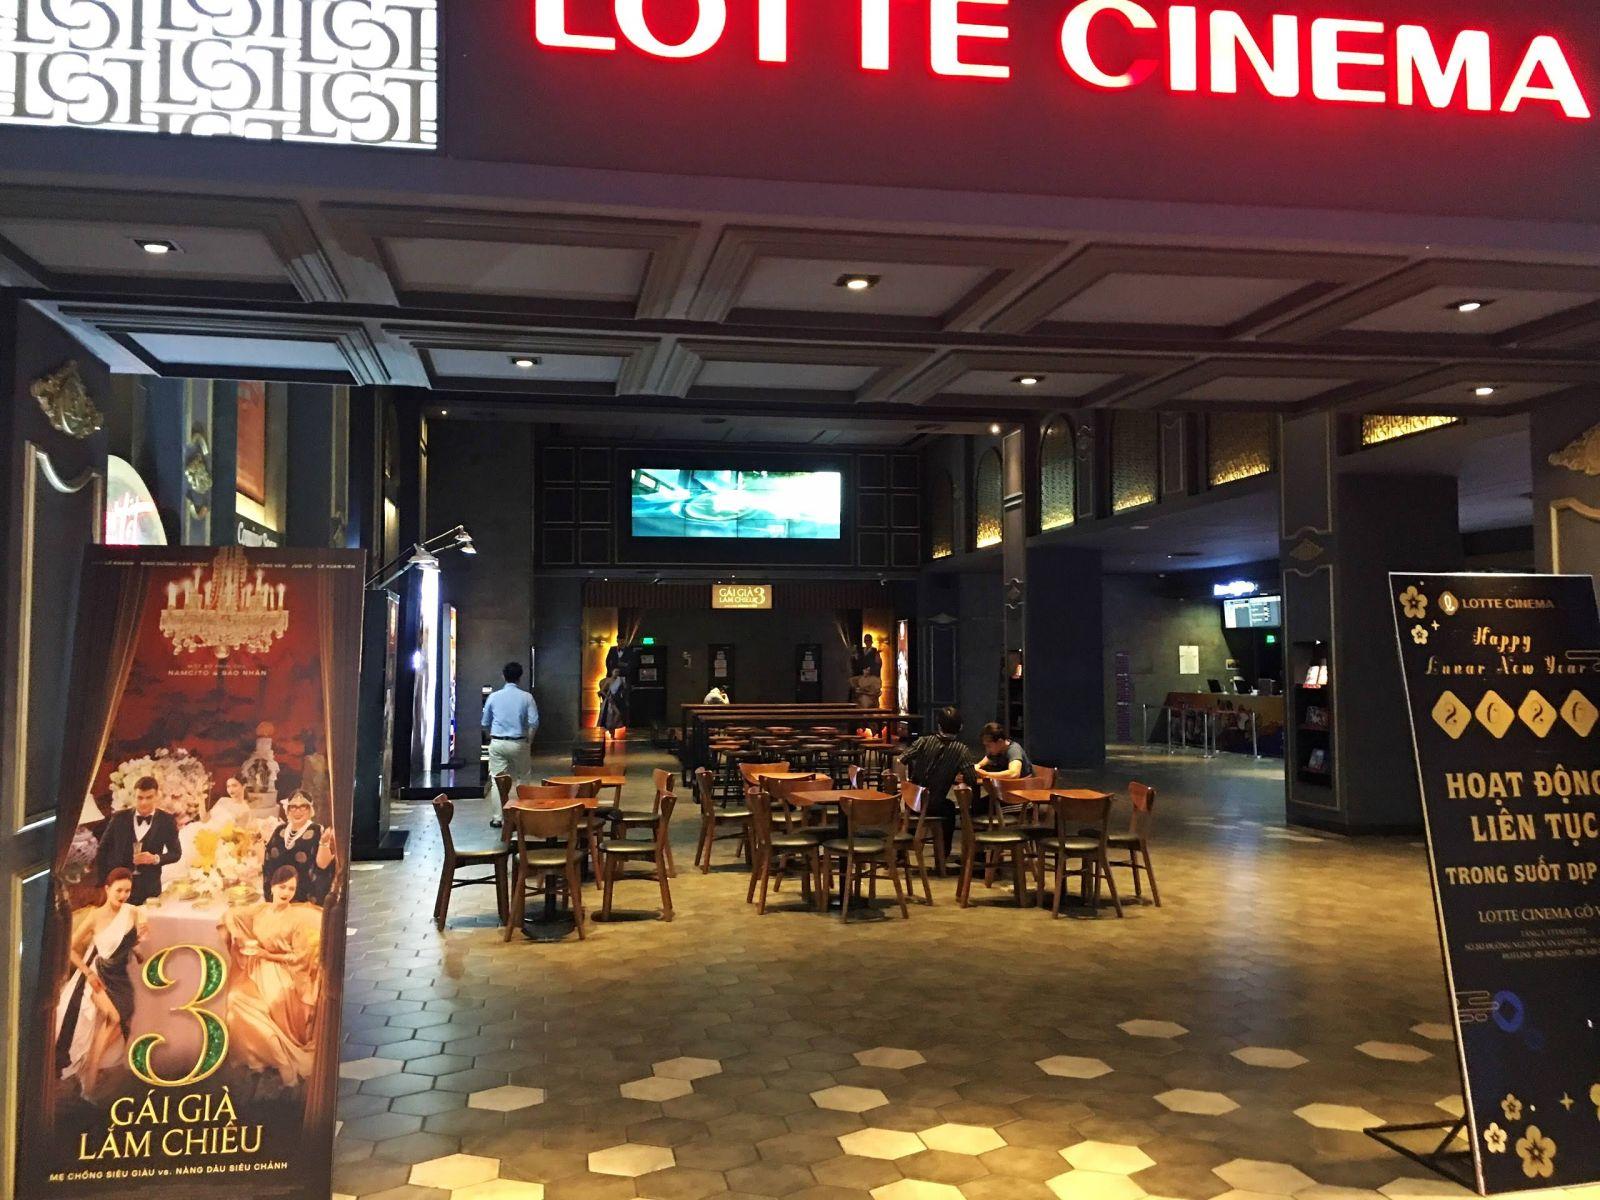 không gian phòng chờ lotte cinema -gò vấp